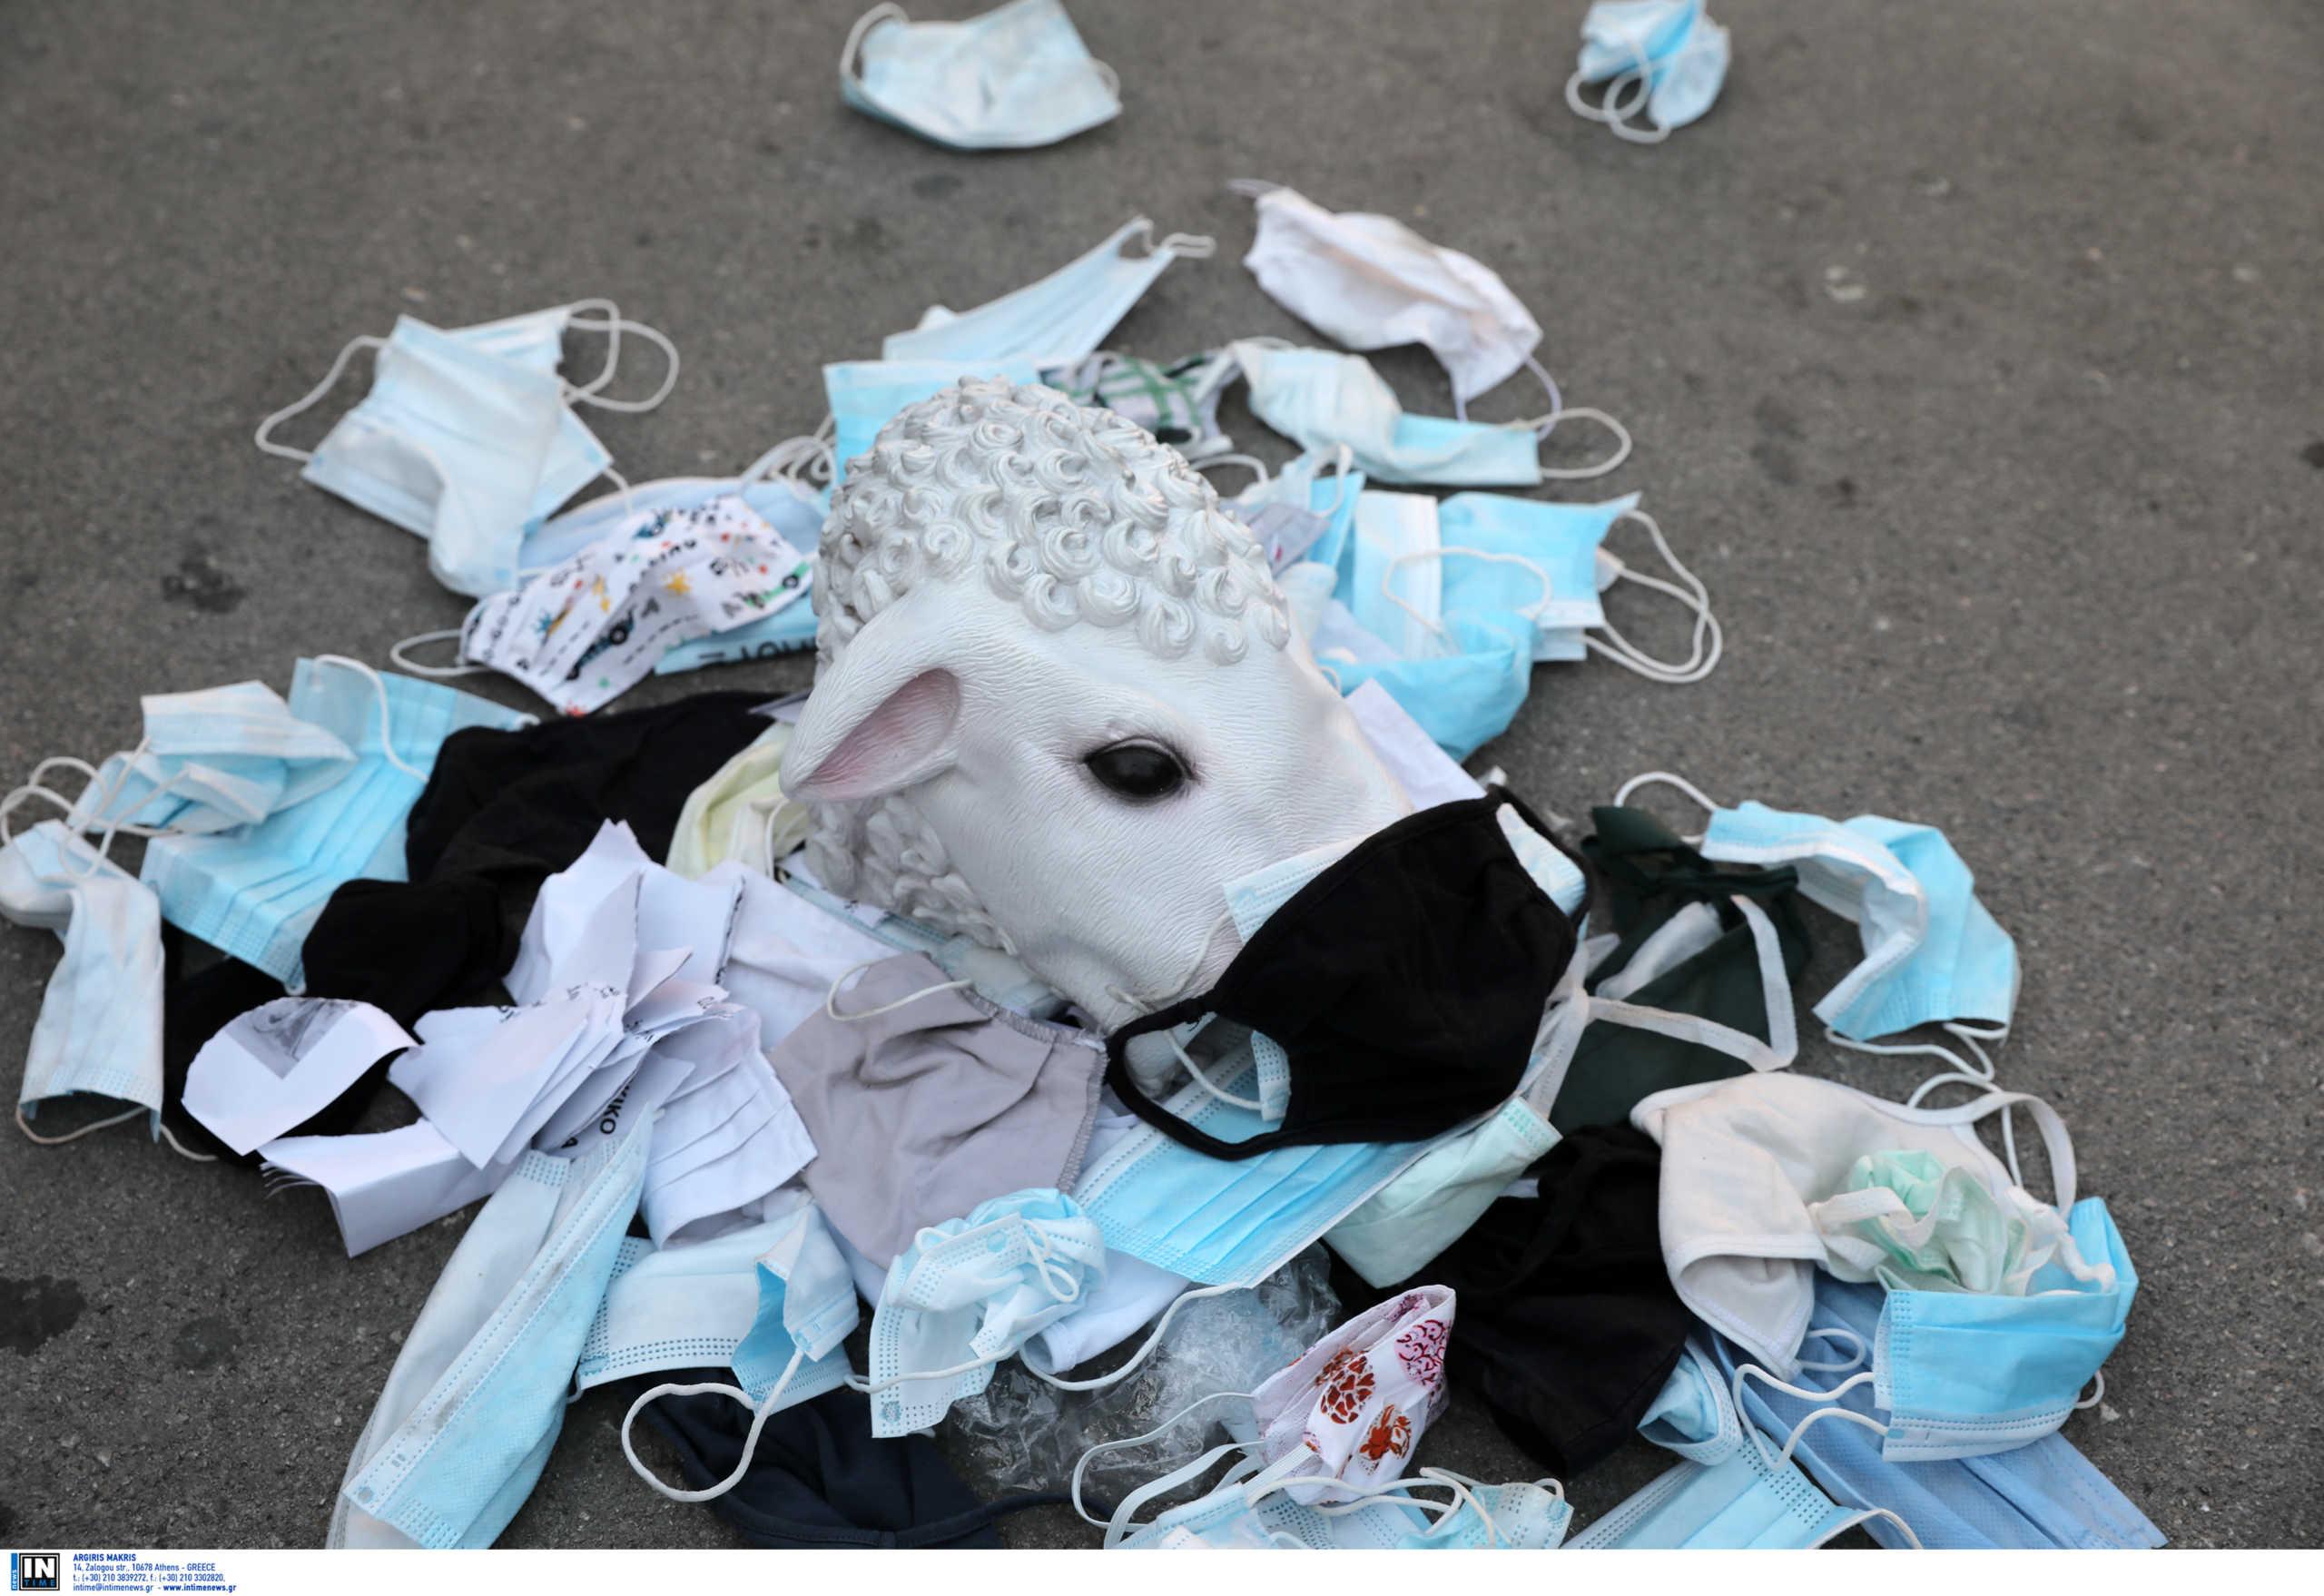 Οργή Κικίλια για τους αρνητές της μάσκας: «Να πάνε στα νοσοκομεία Παίδων και τις ΜΕΘ για να πειστούν»